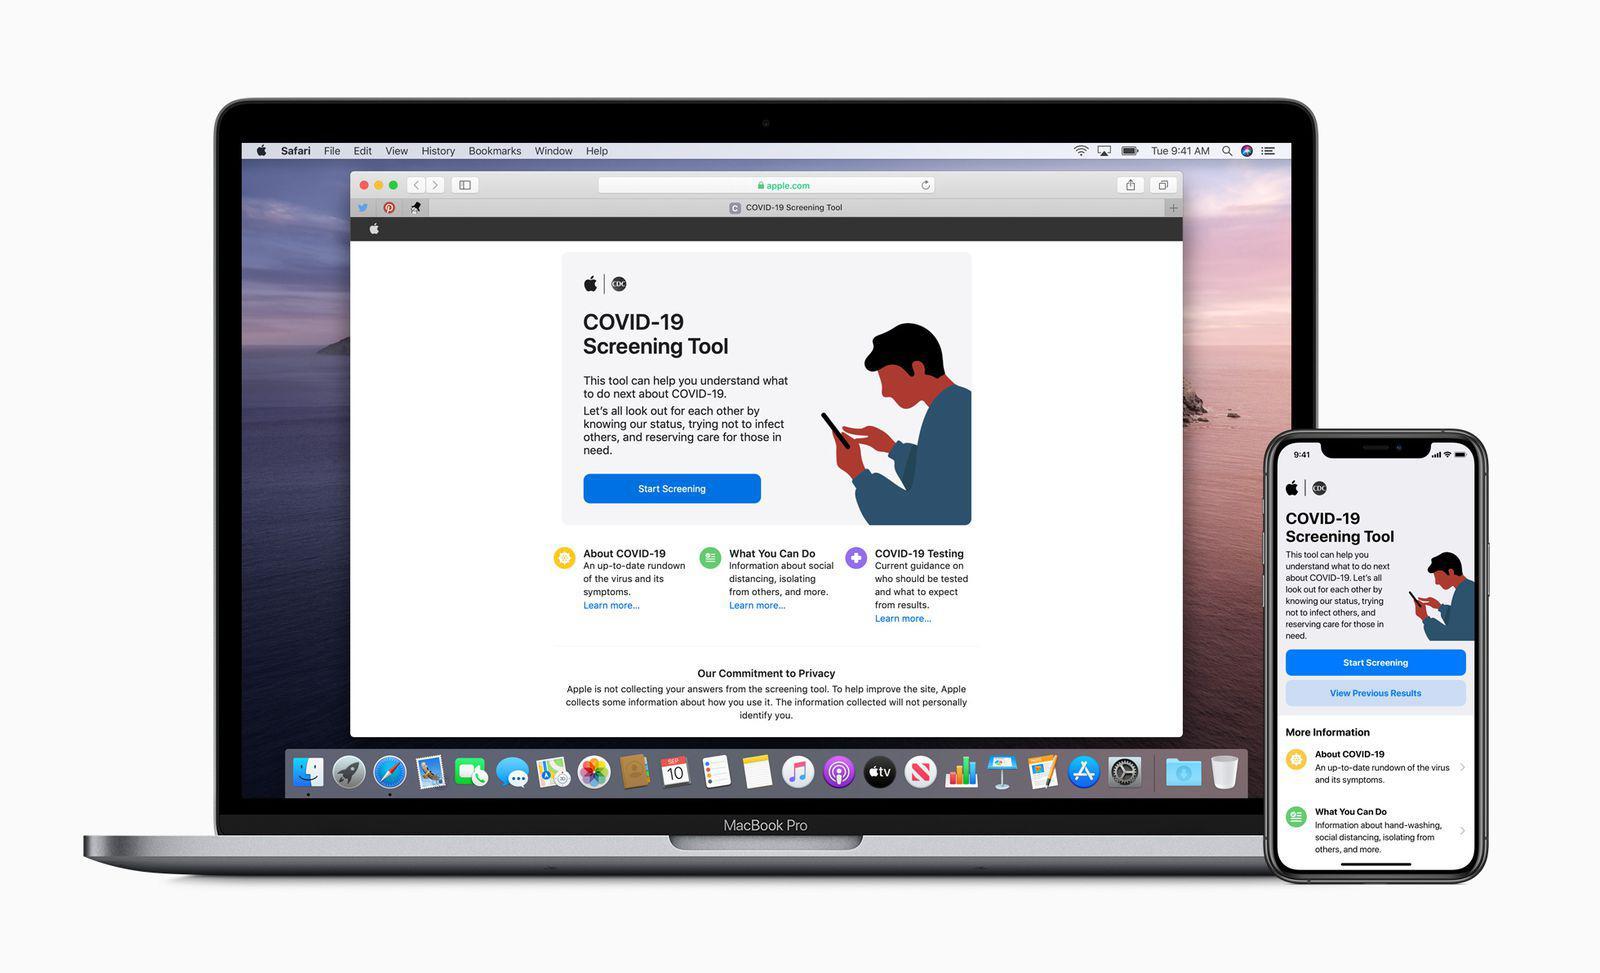 苹果和美政府合作发布COVID-19网站和应用